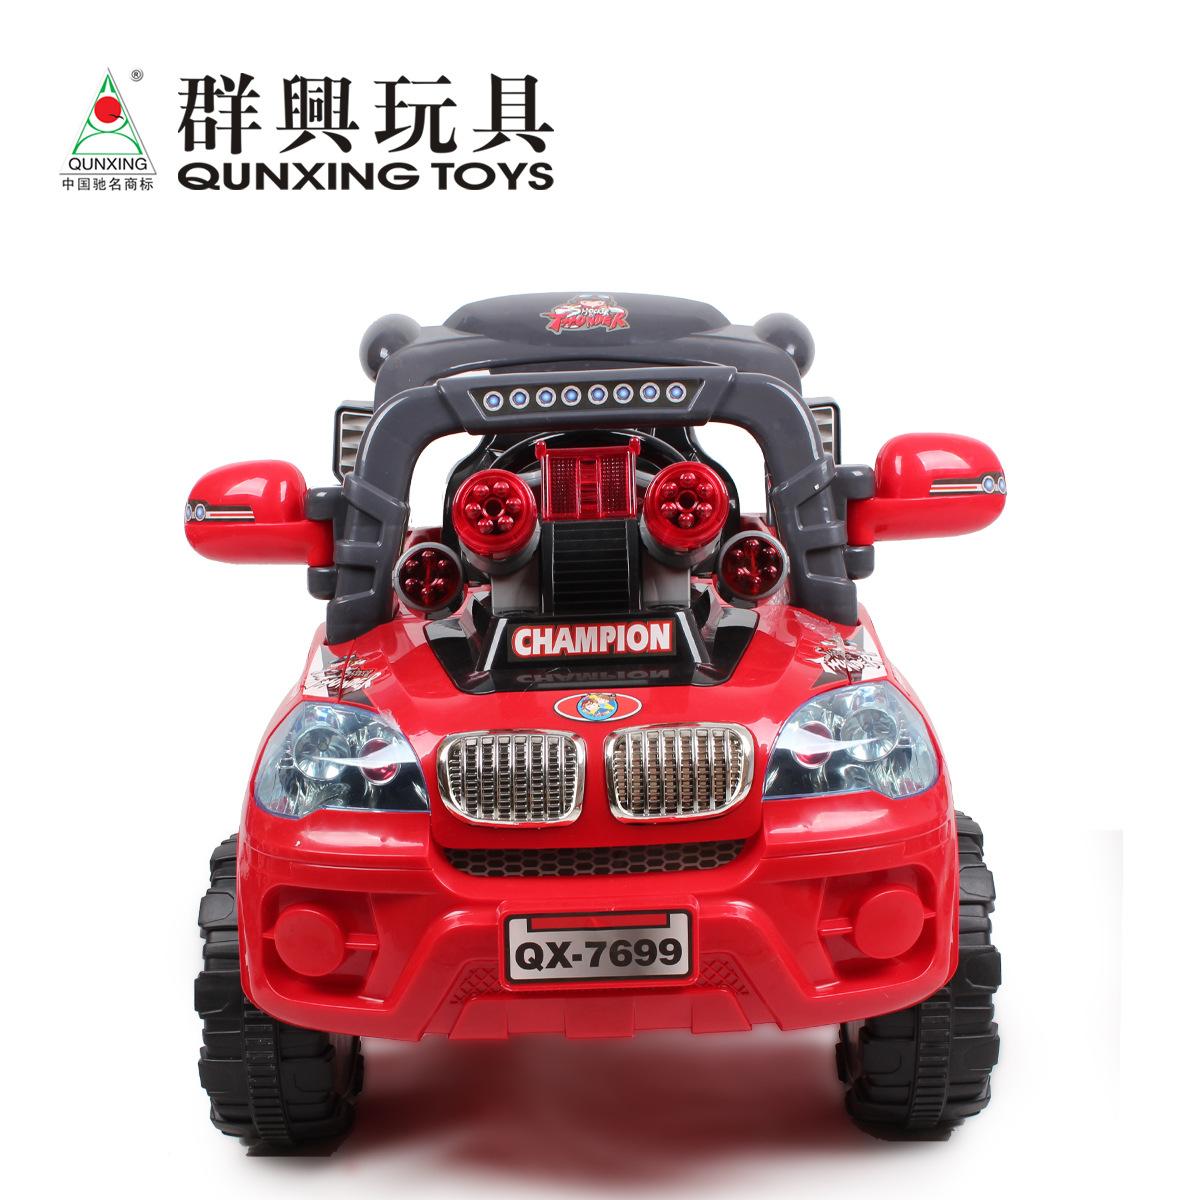 年中大促群兴宝马电动车四轮电瓶车吉普车玩具